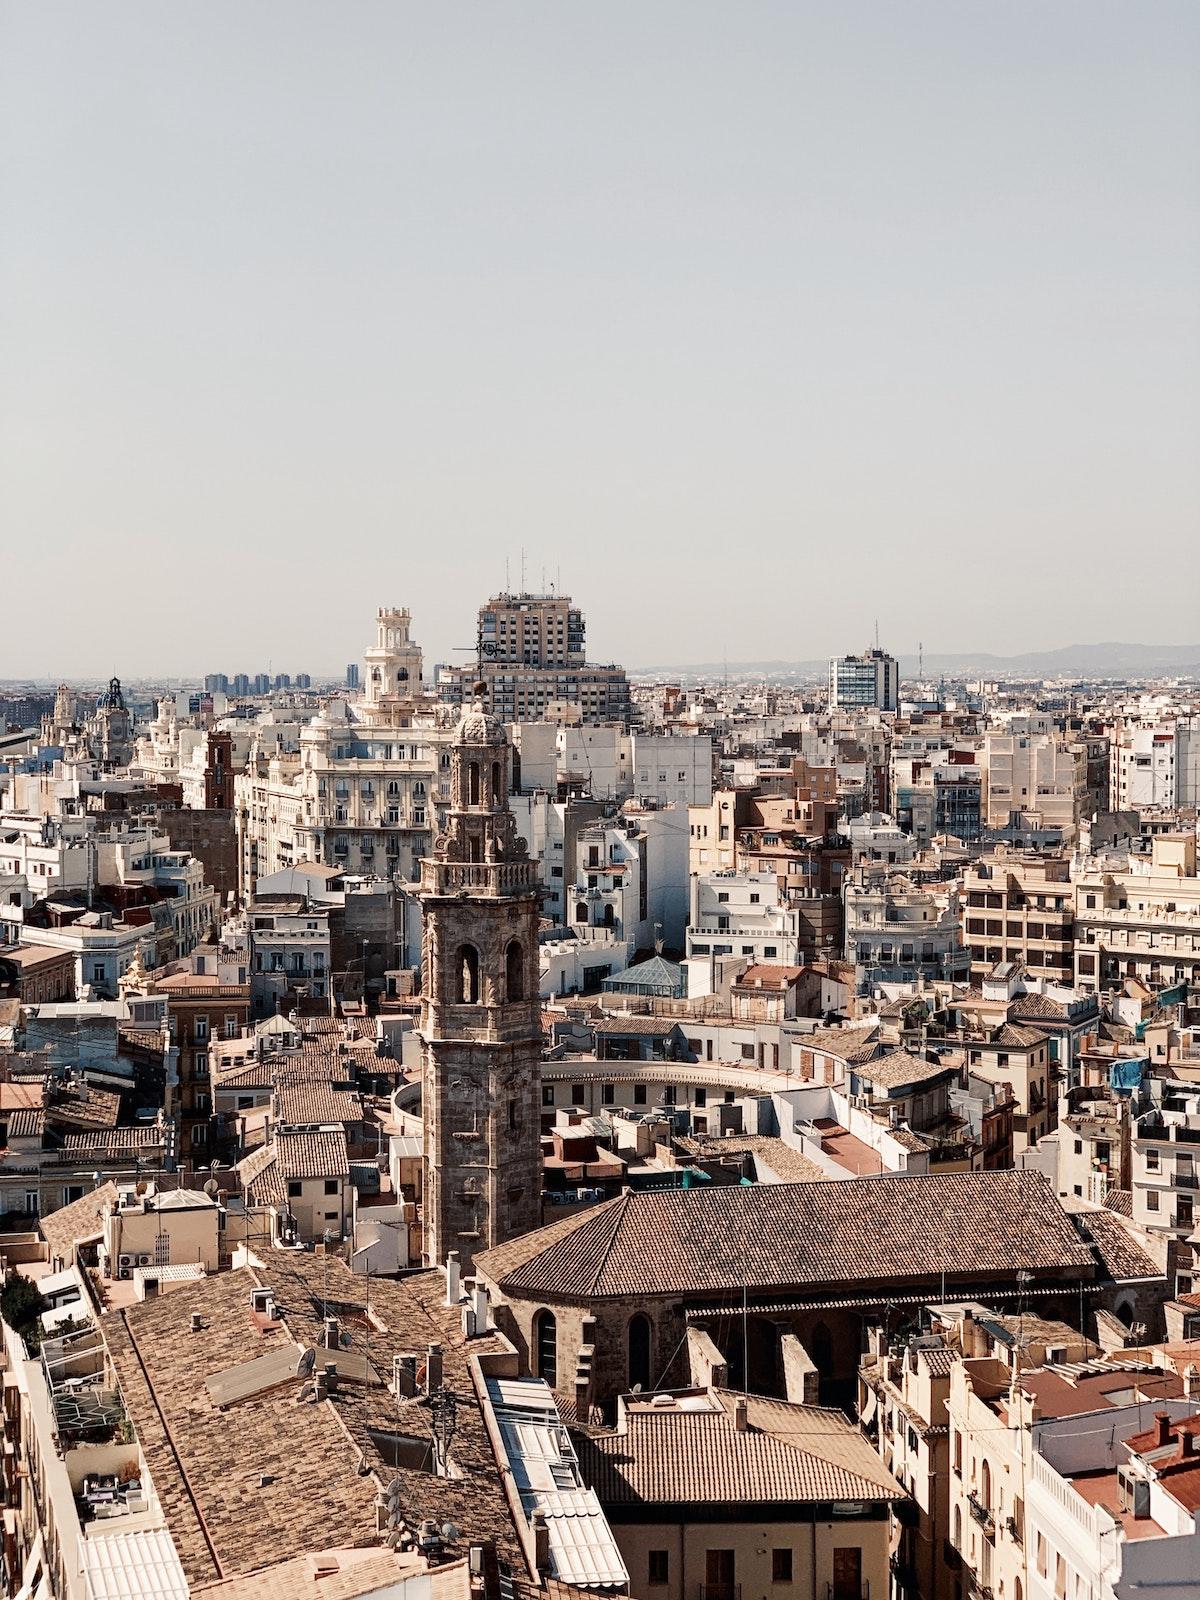 Vista del centro de Valencia, España desde arriba, con la torre de la catedral en primer plano.